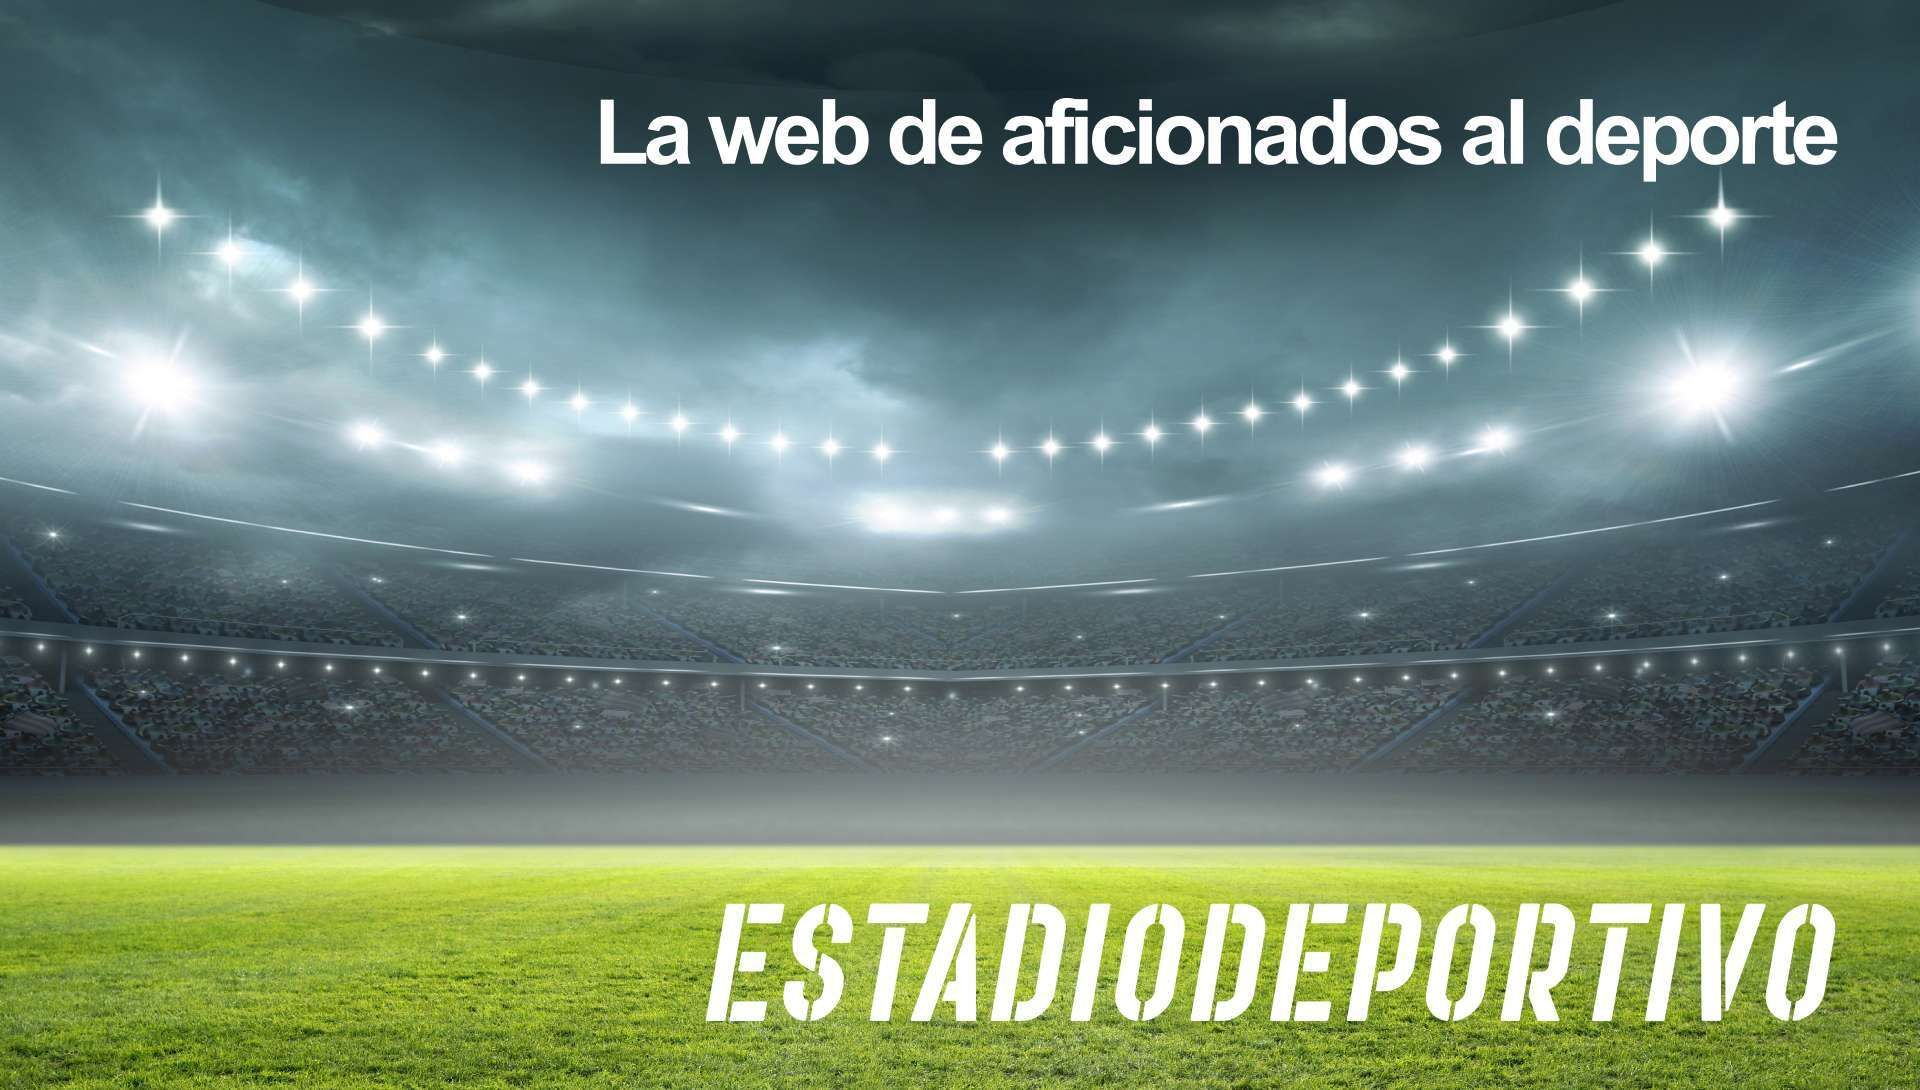 Las portadas del miércoles 13 de enero